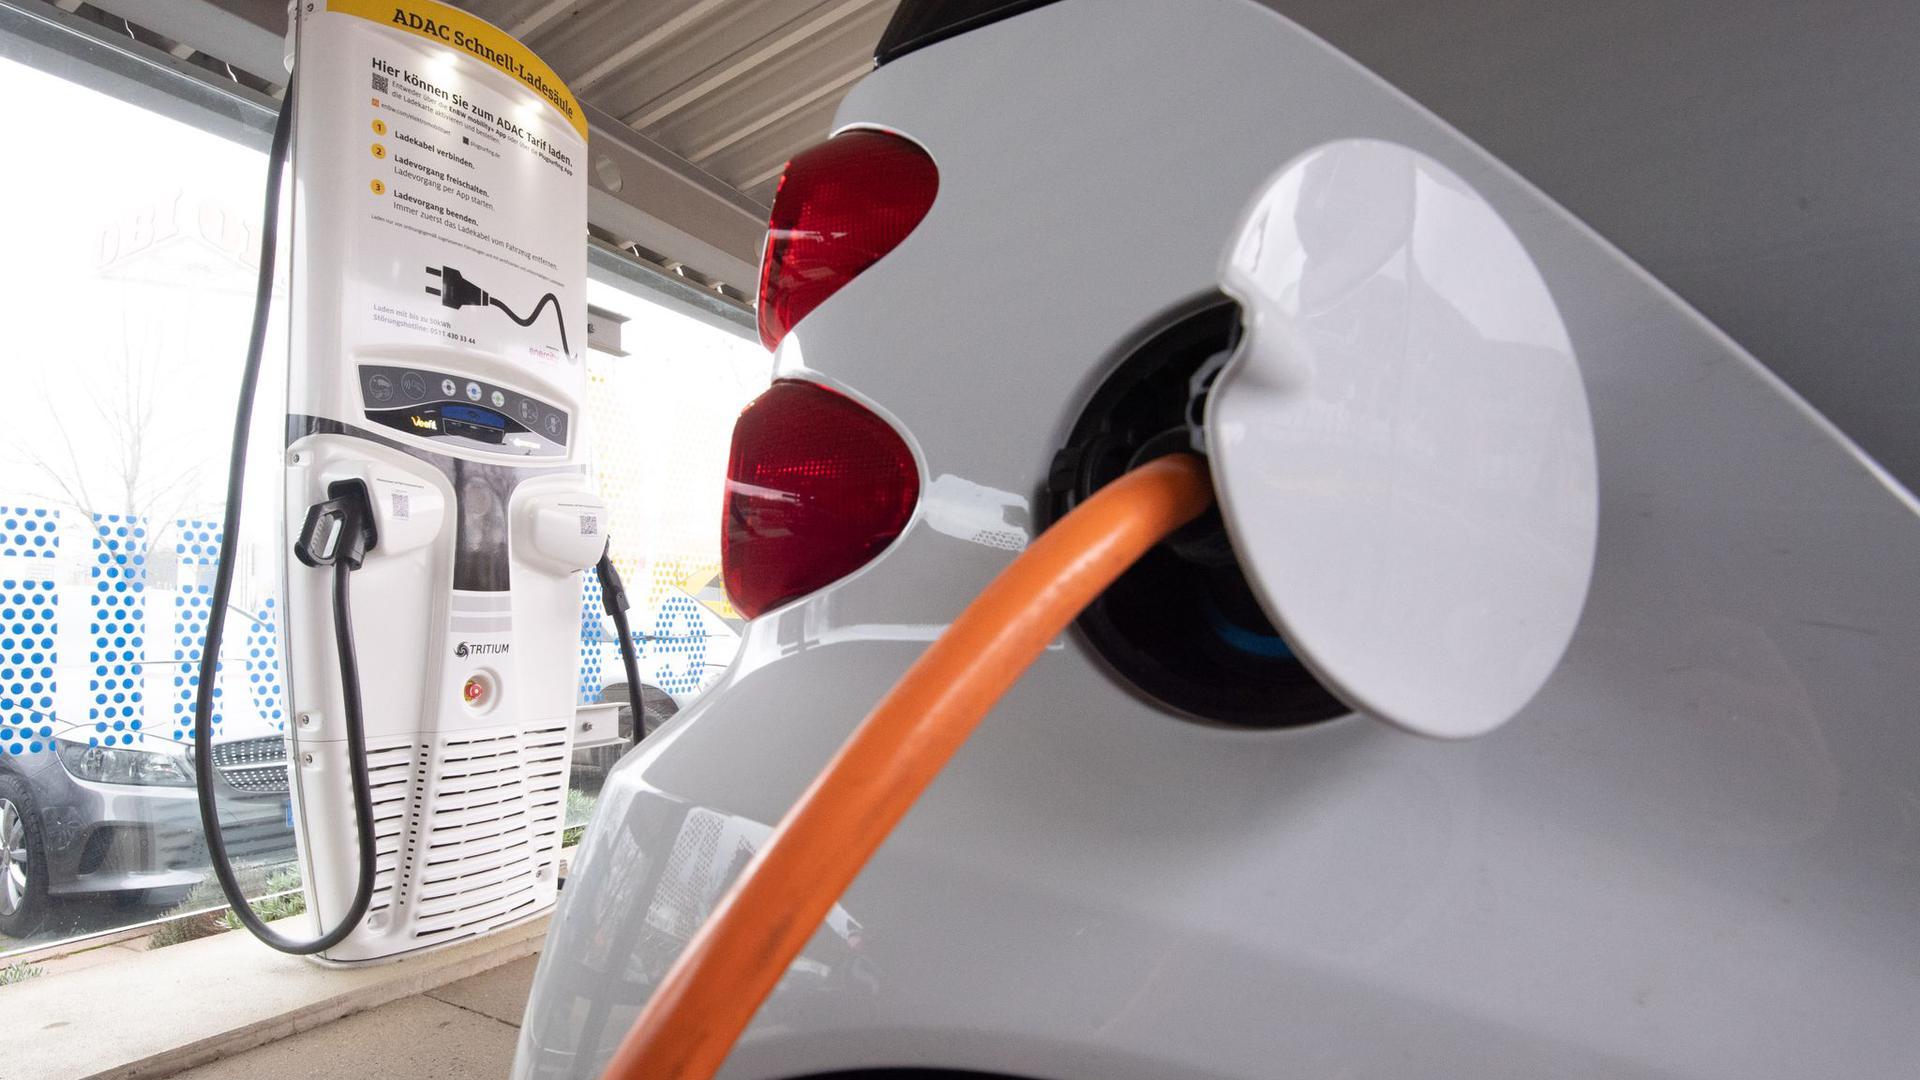 Ein Elektroauto lädt an einer Ladestation. Für Elektroautos sollen bis 2025 extra Kaufanreize geschaffen werden.